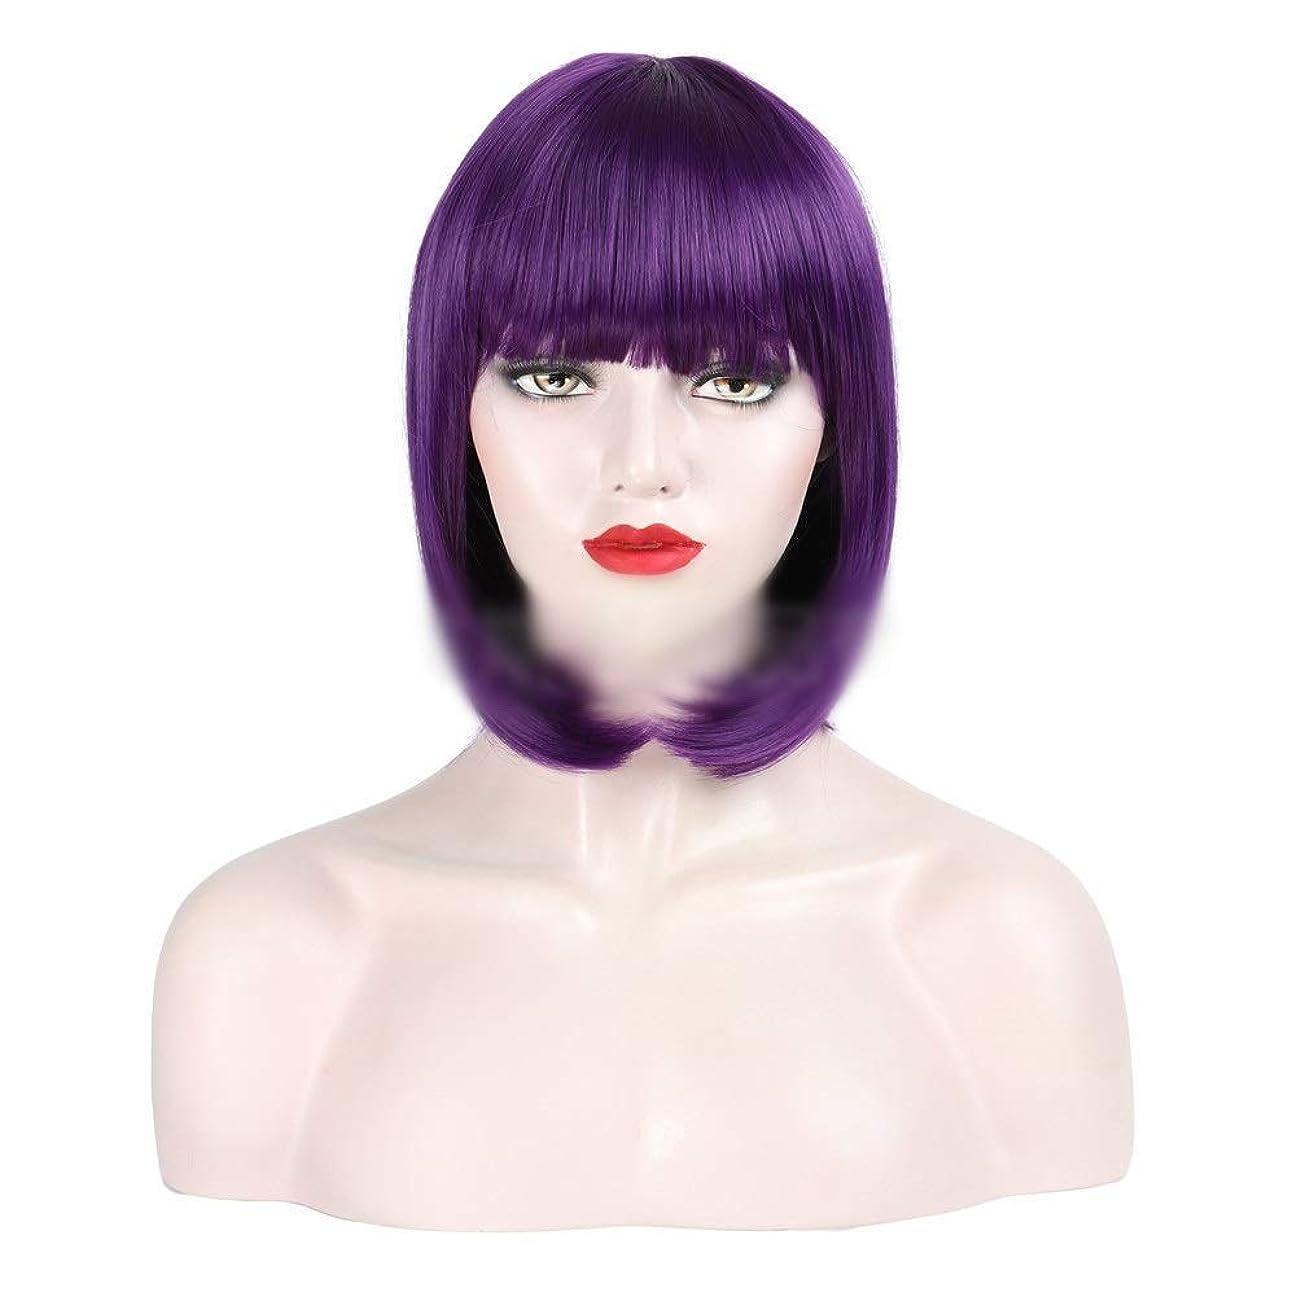 まあ姪マルクス主義YESONEEP コスプレウィッグパープルヘアボブウィッグショートヘア前髪付きナチュラルストレート女性レディースパーティーウィッグ (Color : Purple)